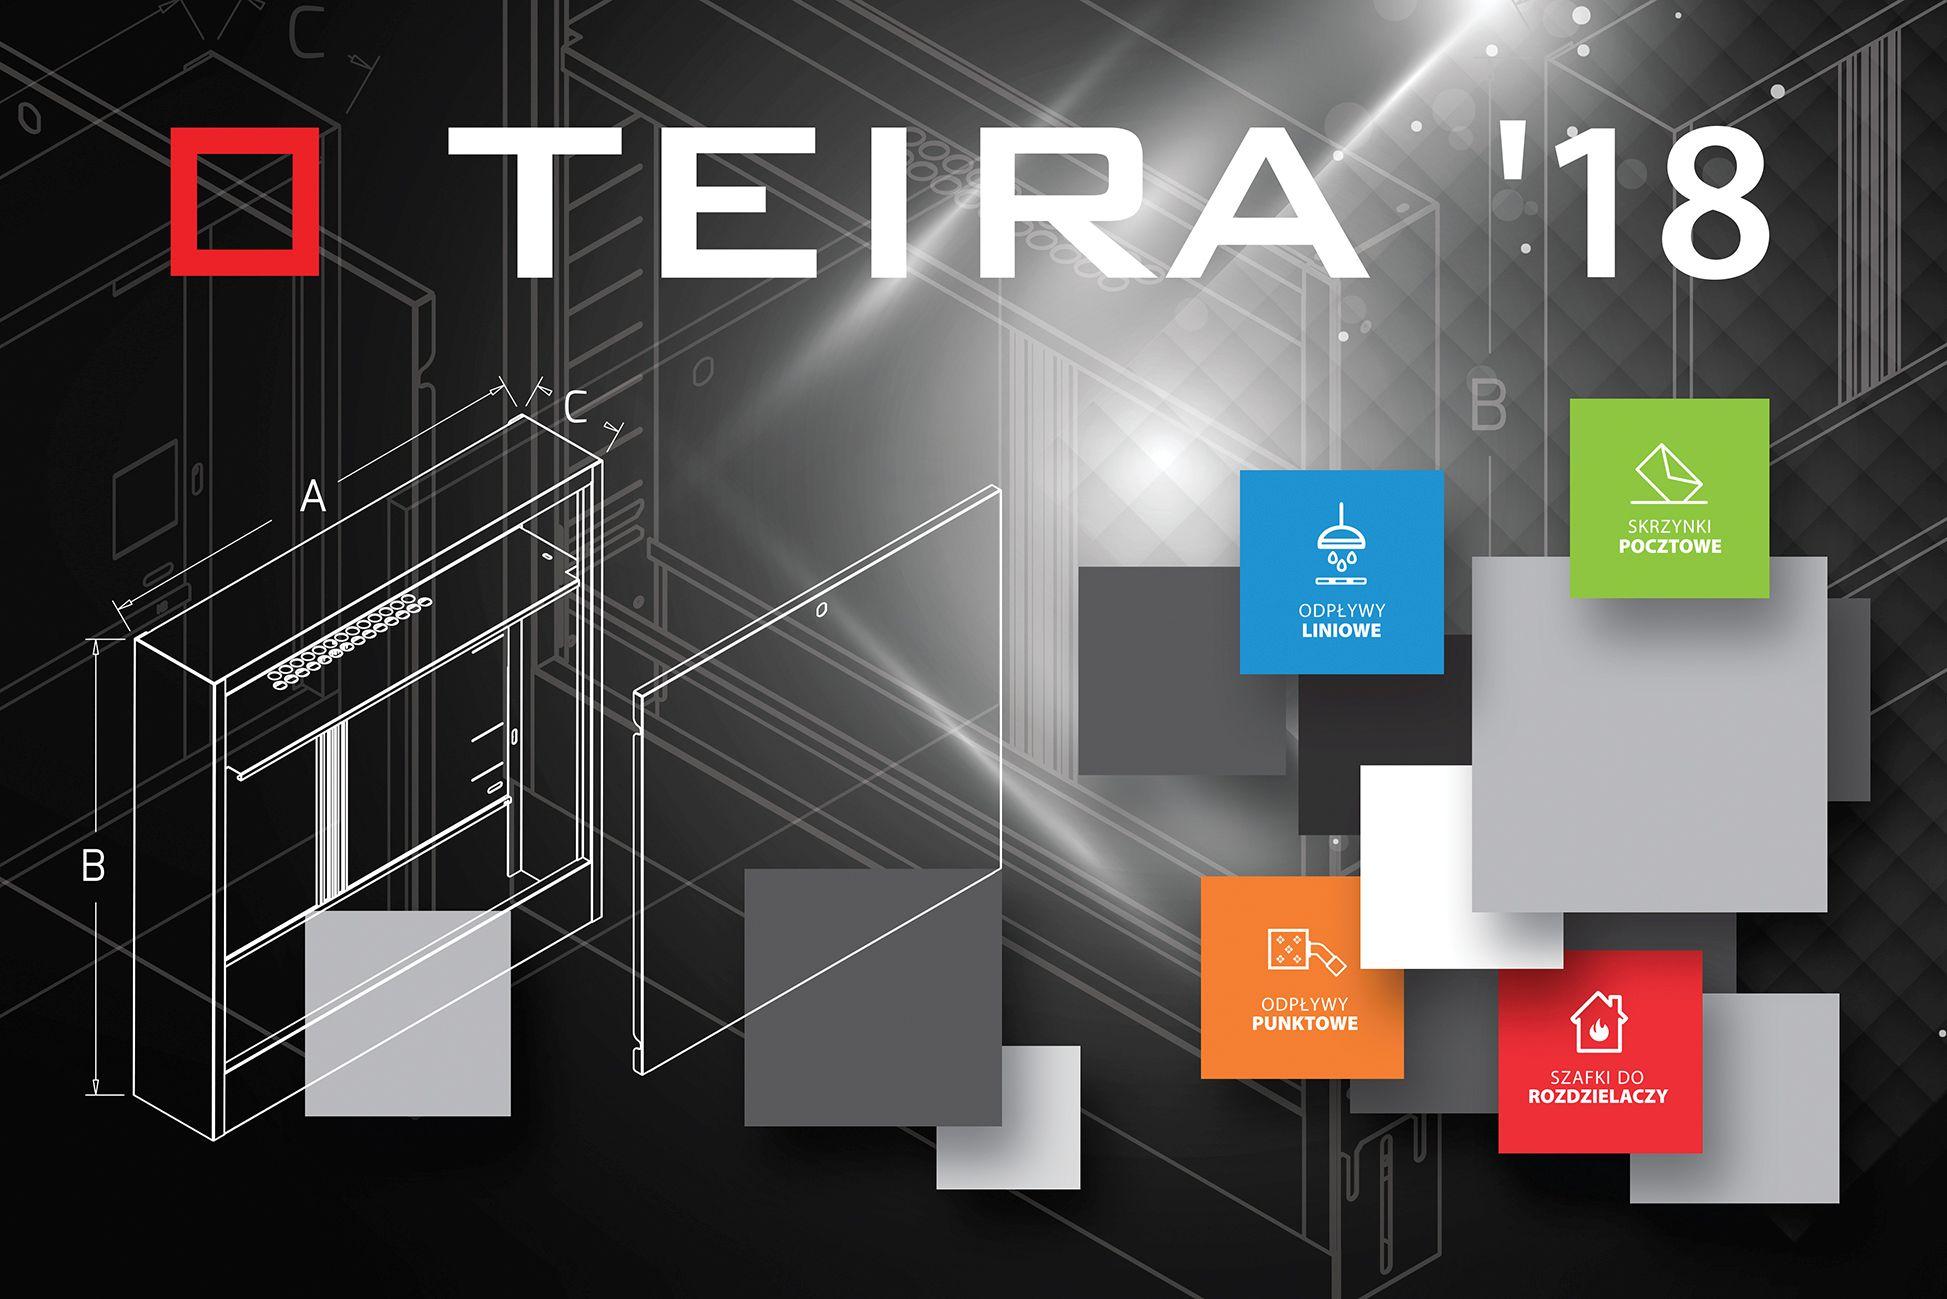 Oferty Pracy z firmy TEIRA